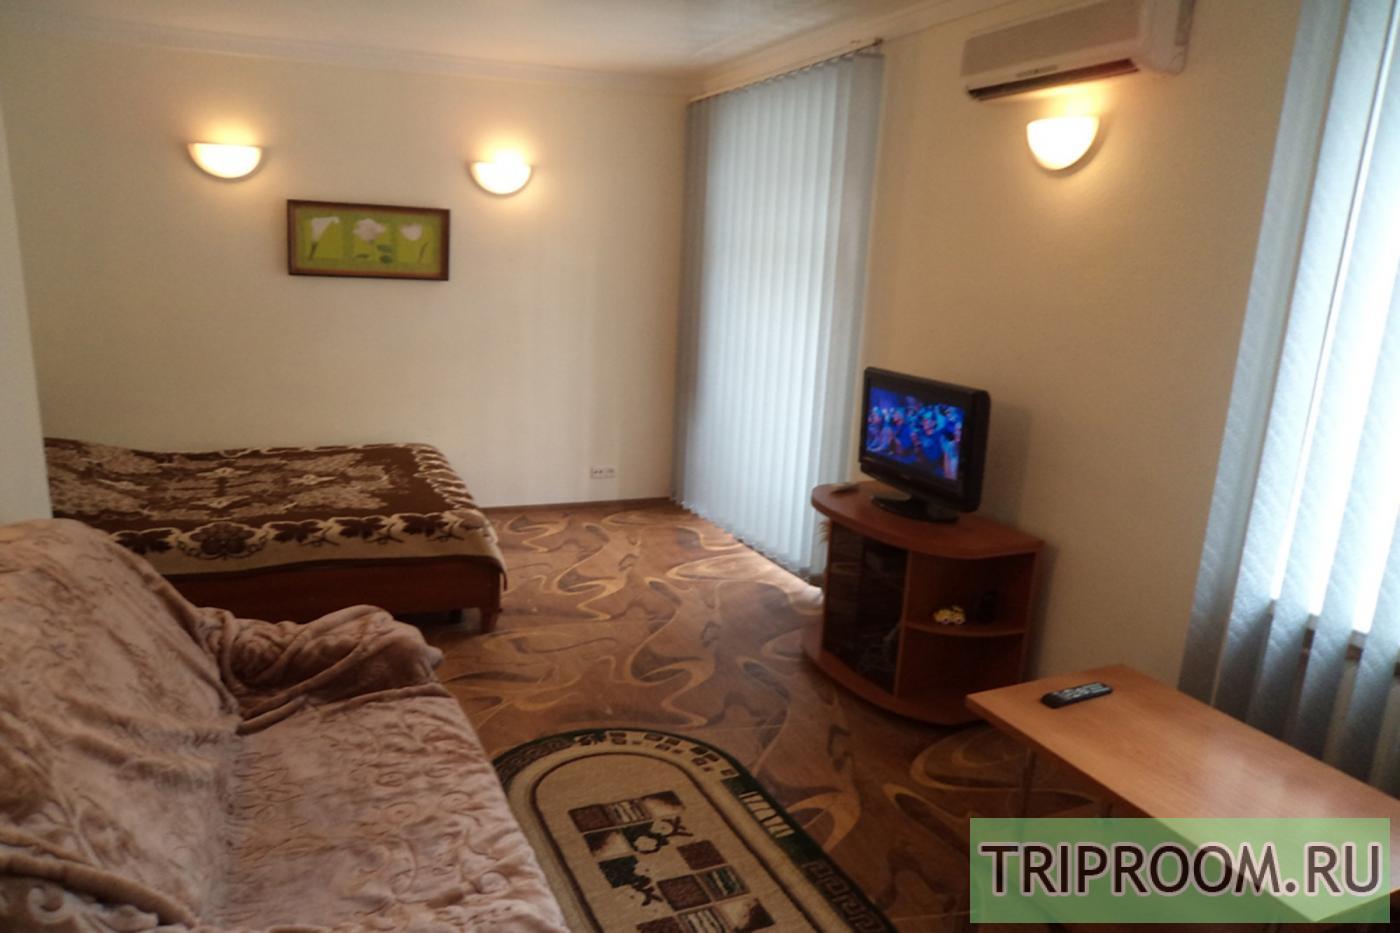 1-комнатная квартира посуточно (вариант № 23823), ул. БОльшая Морская улица, фото № 1